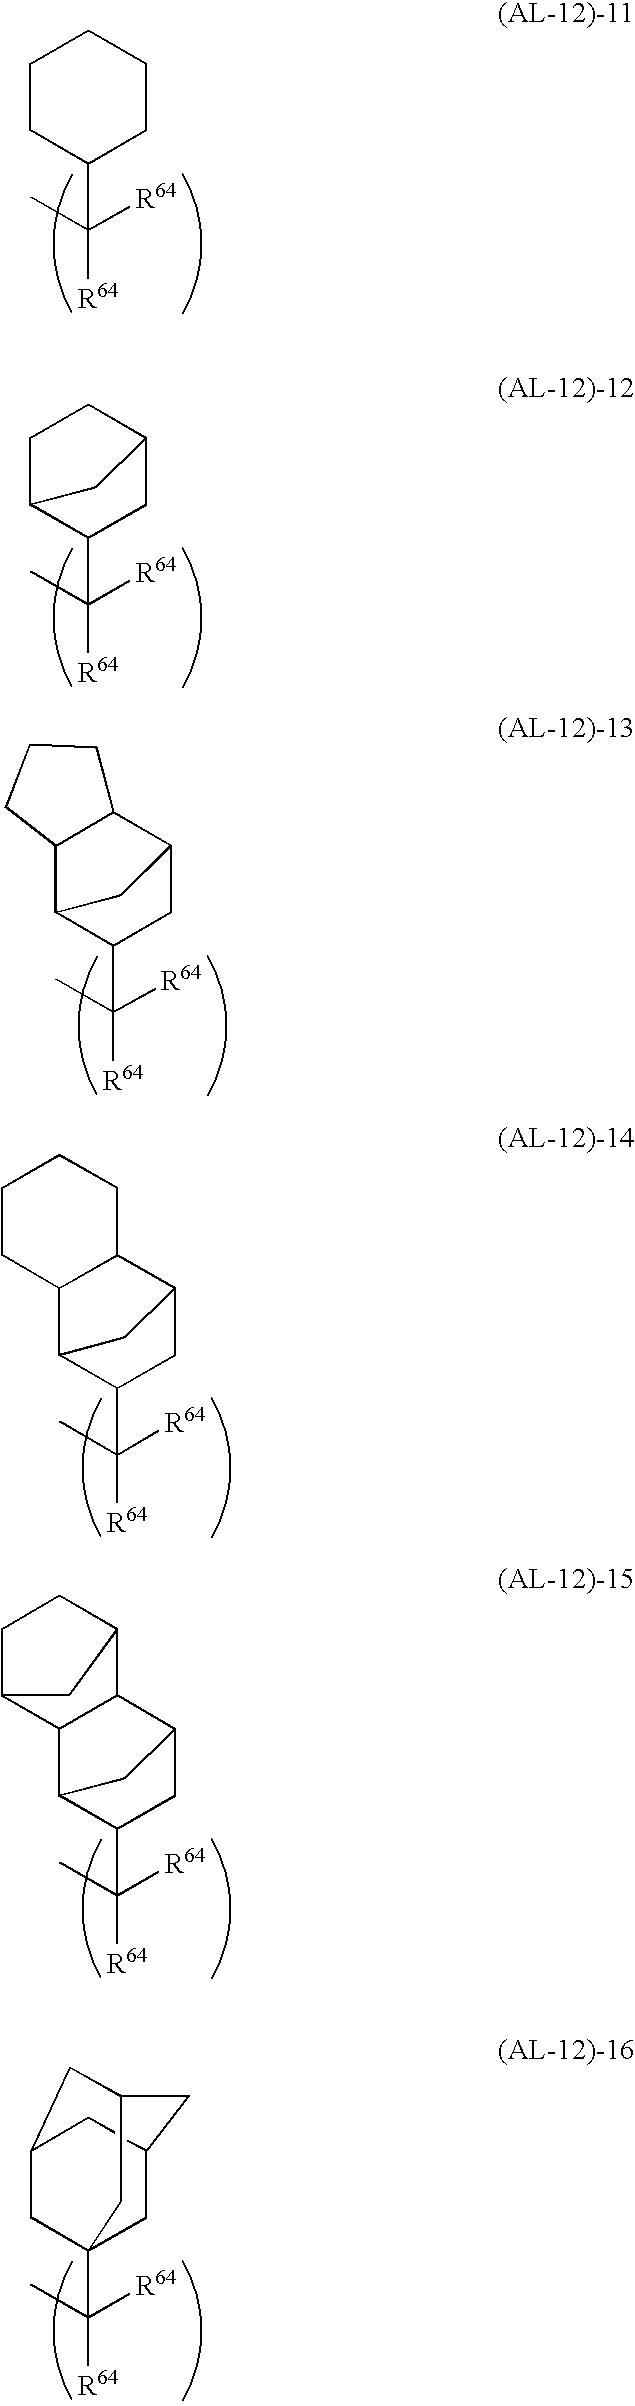 Figure US20100178617A1-20100715-C00018